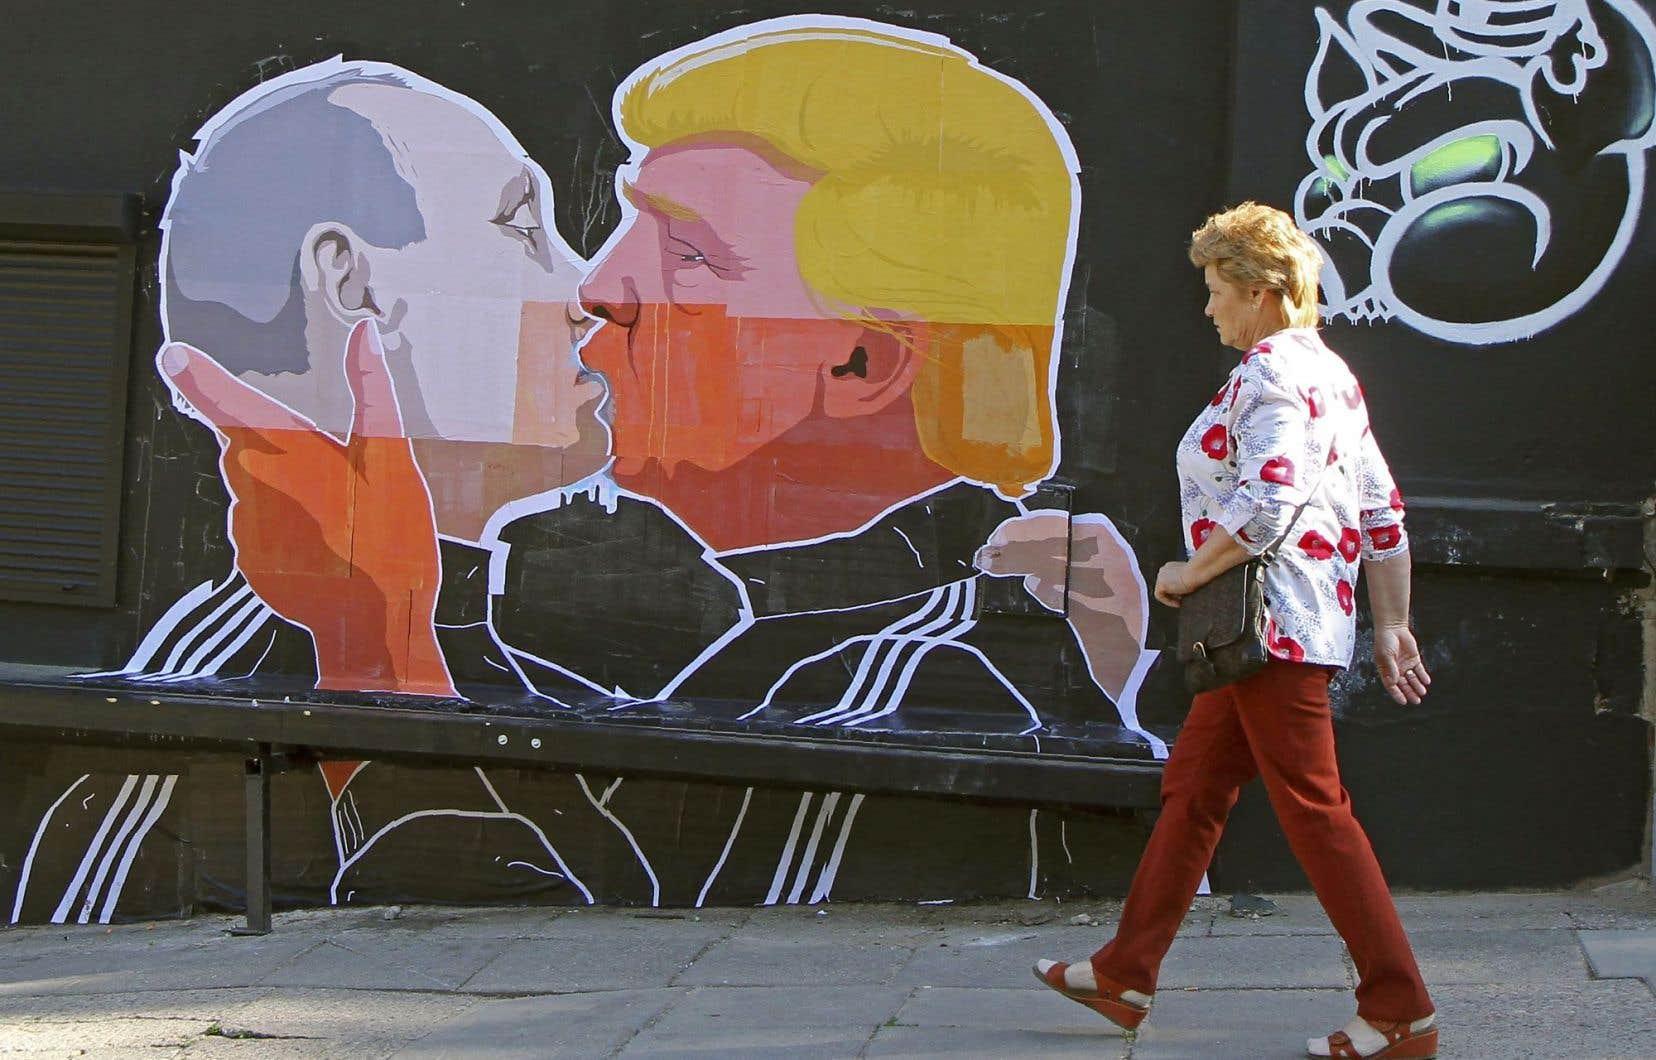 Une murale dans une rue de Vilnius, capitale de la Lituanie